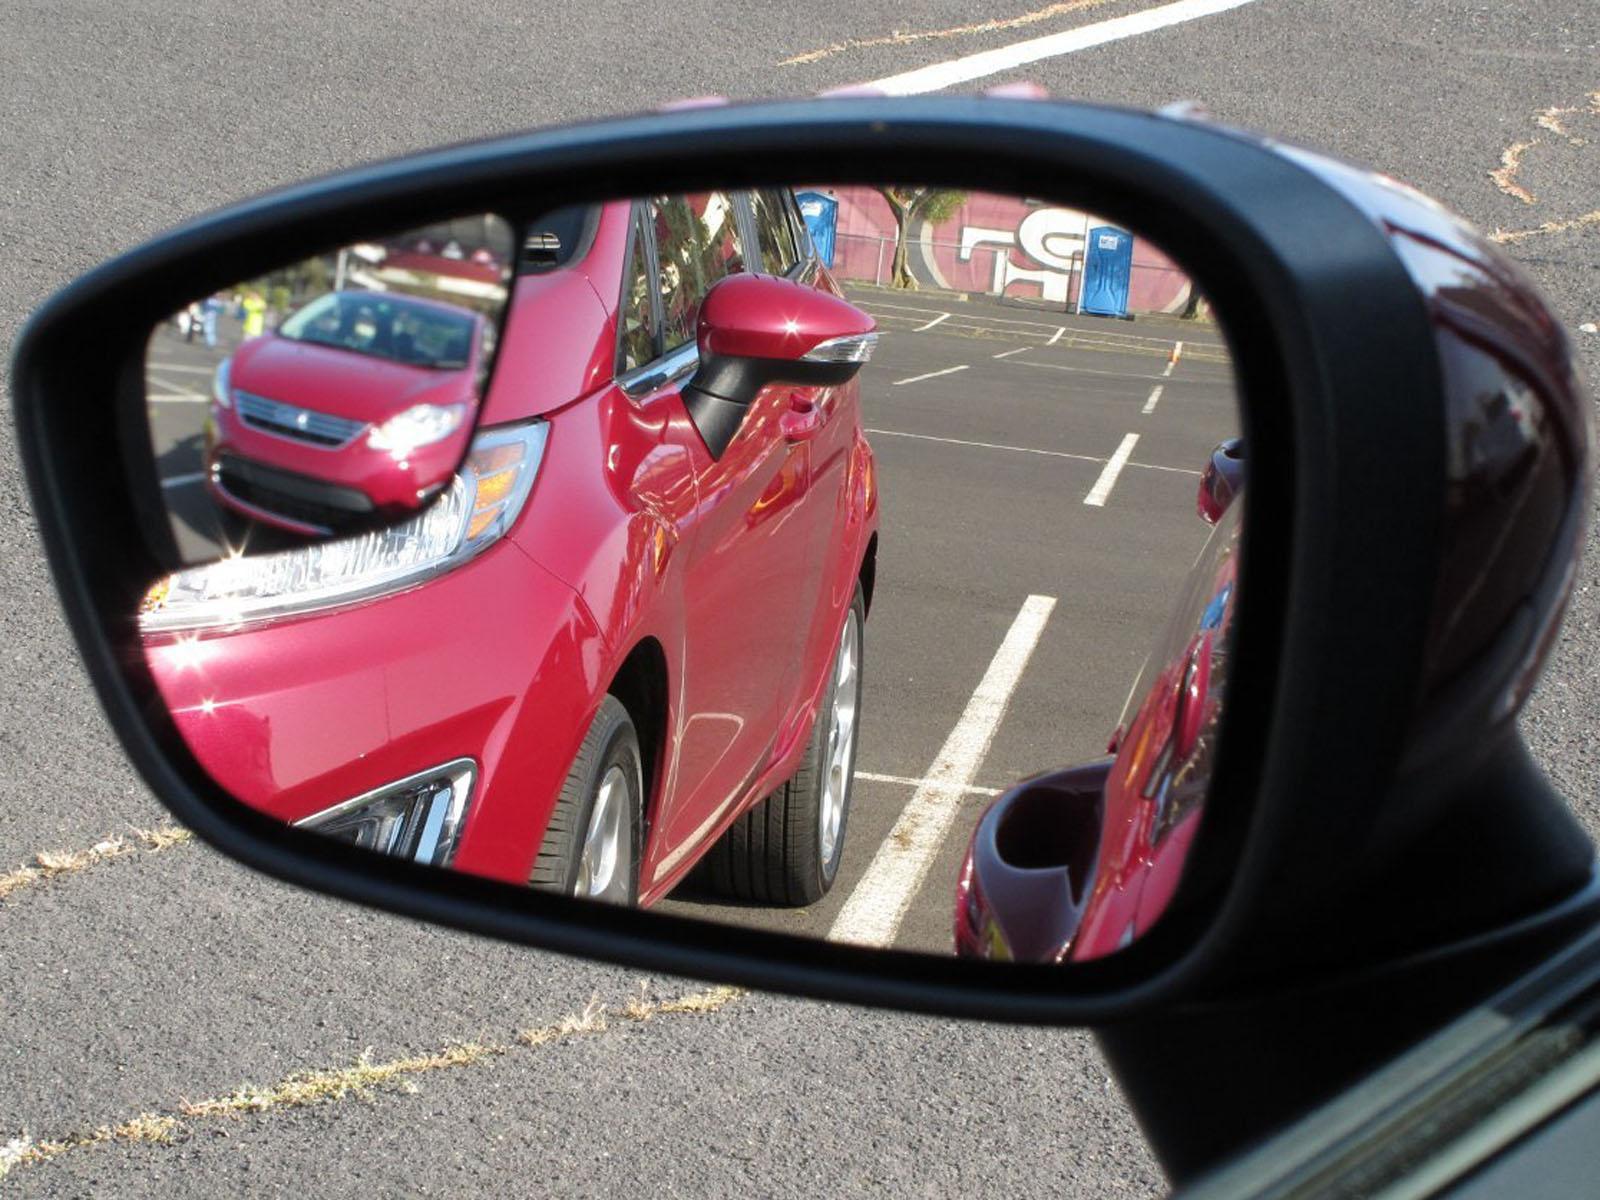 Un nuevo retrovisor elimina puntos ciegos sin deformar for Espejo para mirar bebe auto